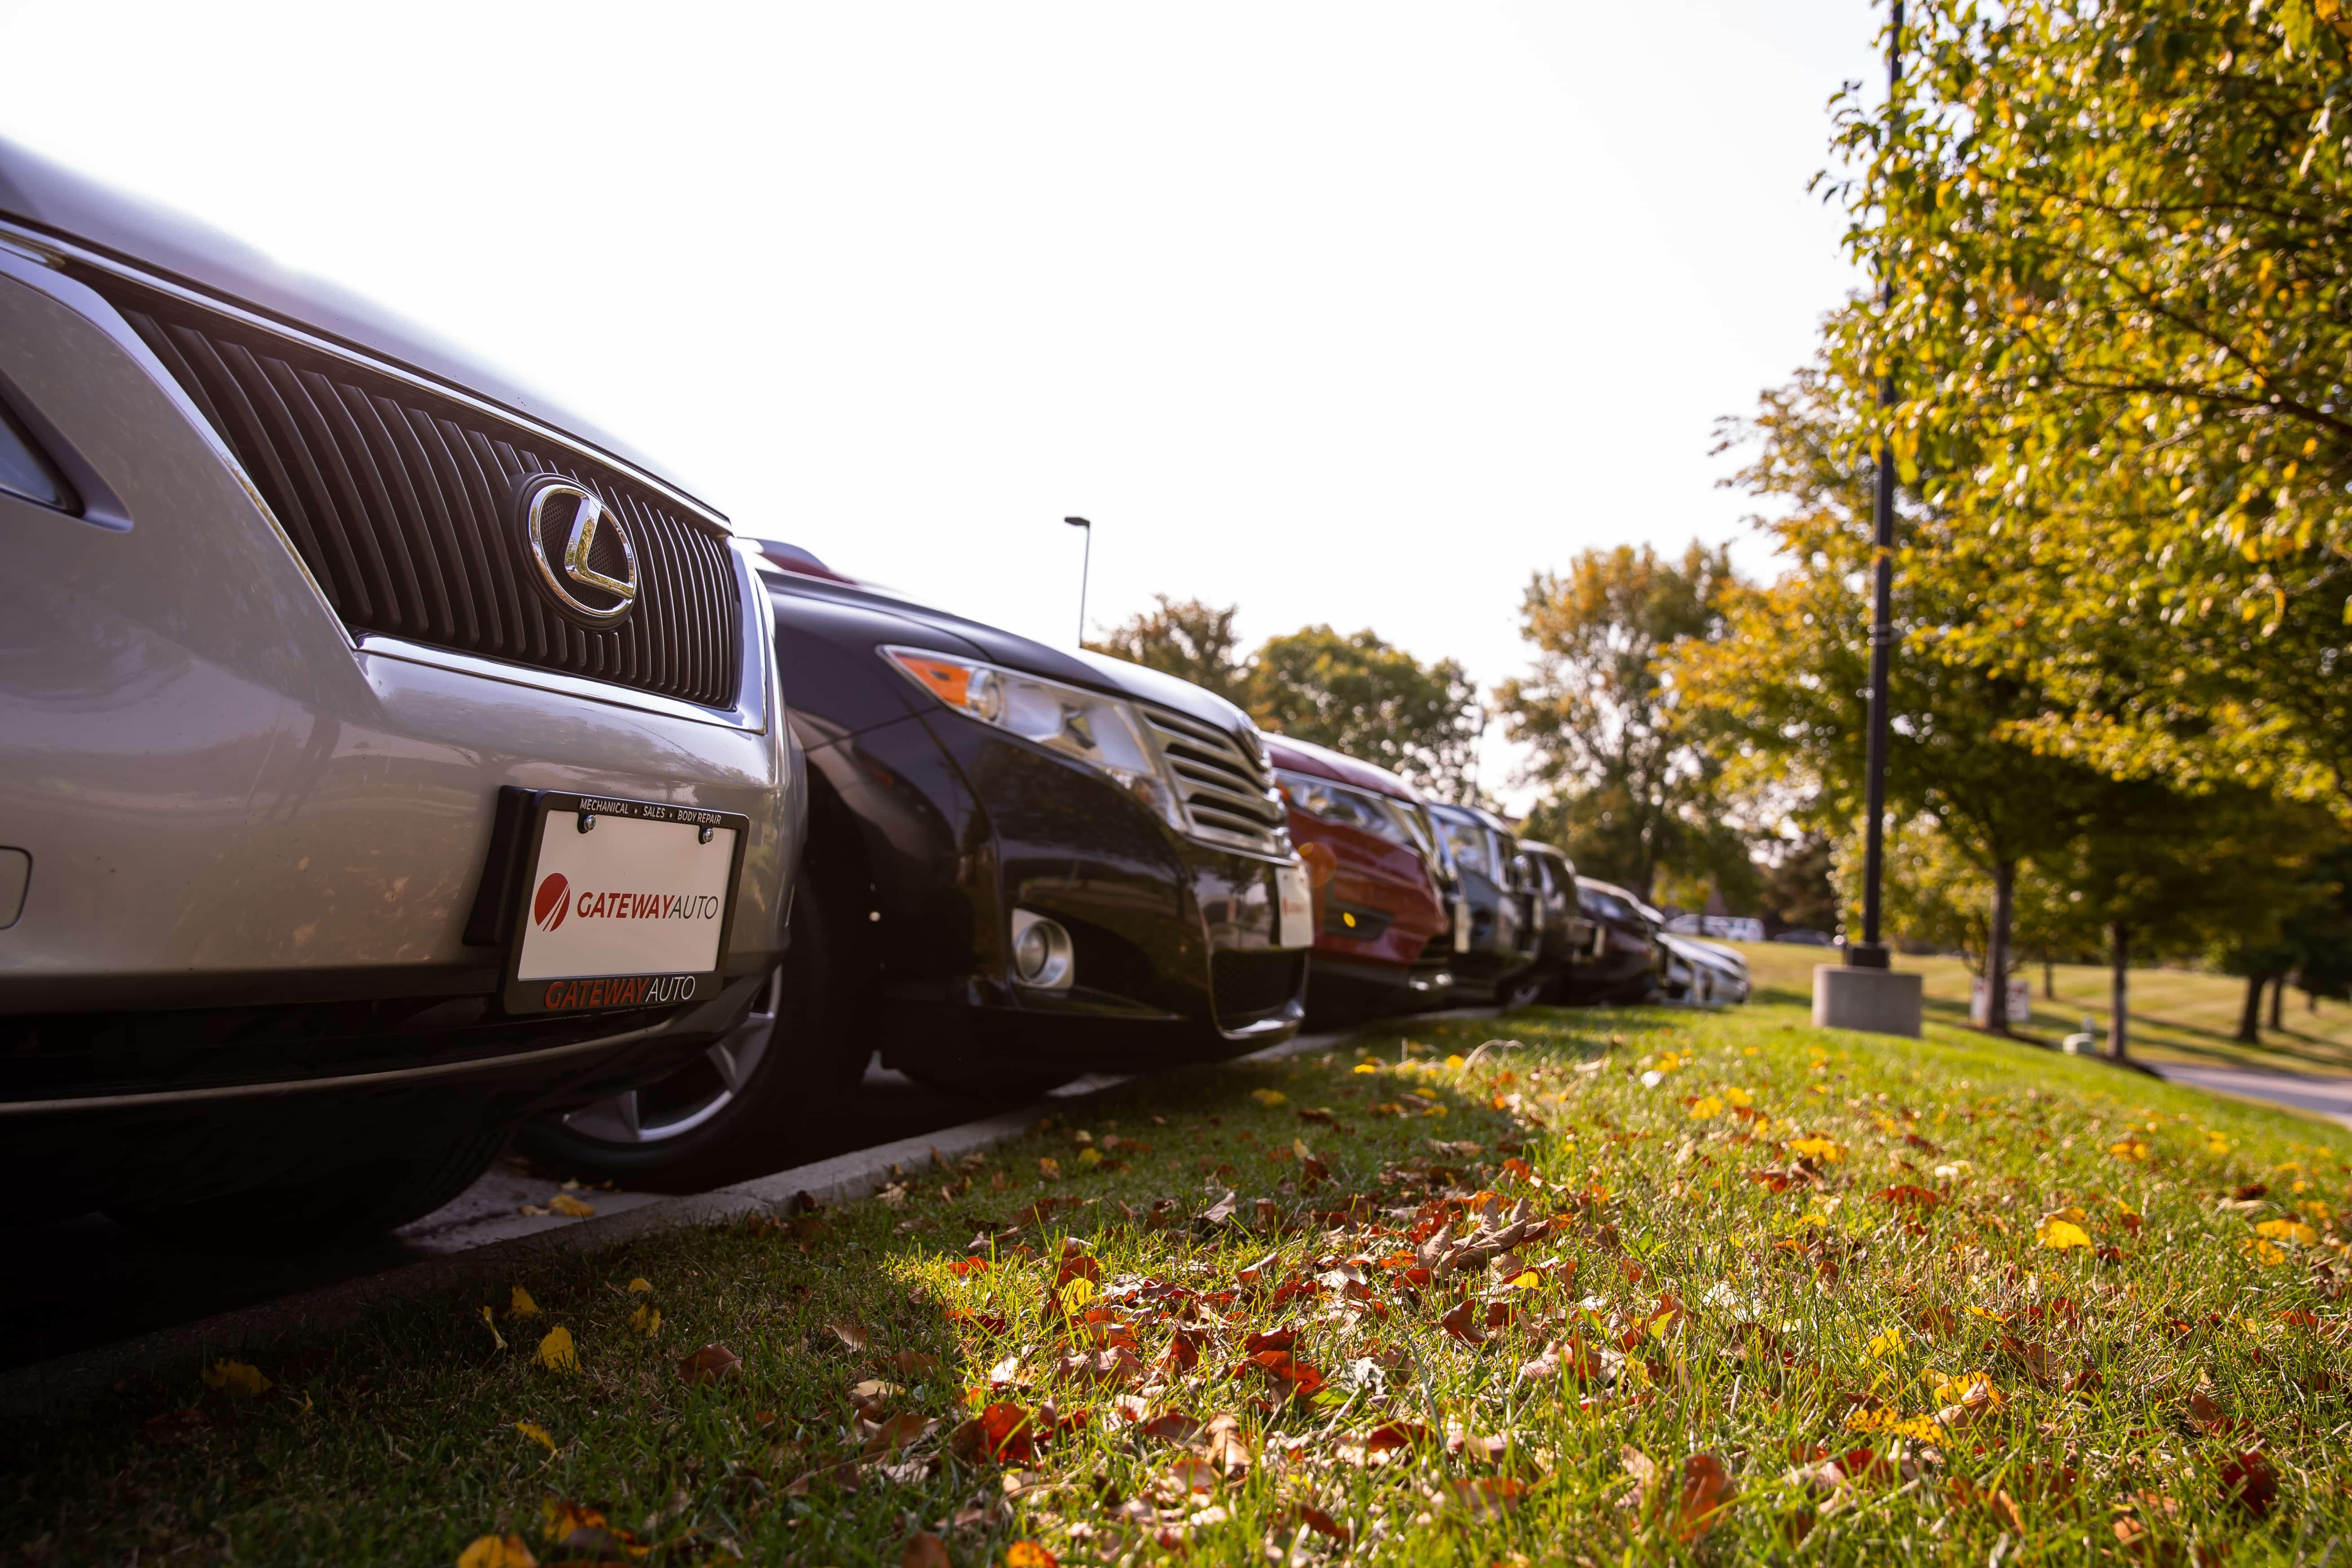 Used Cars in Omaha, Nebraska